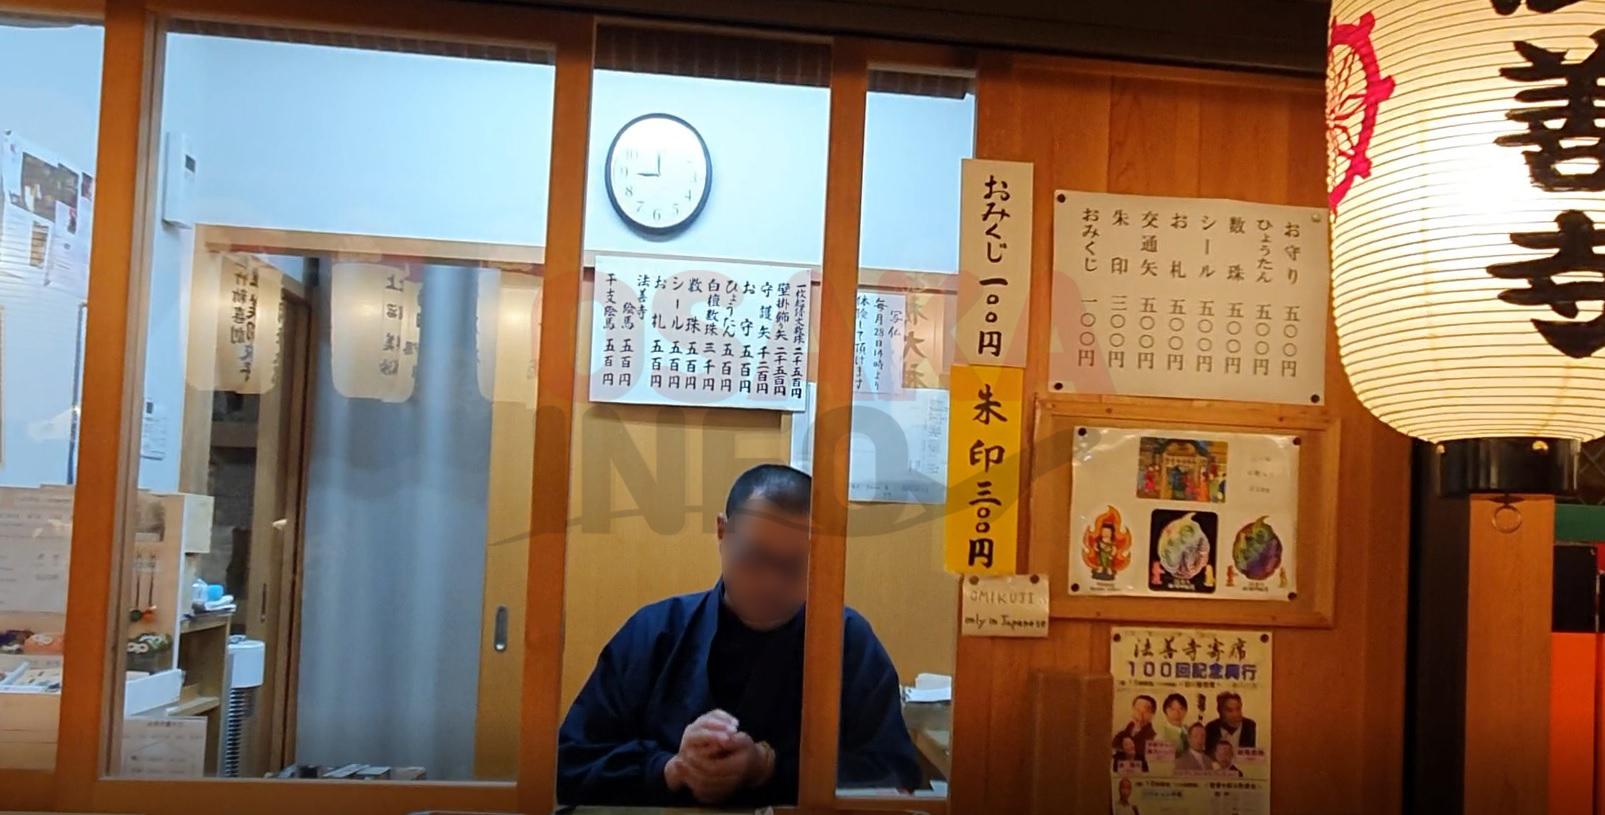 오사카 호젠지 소원쪽지 구매